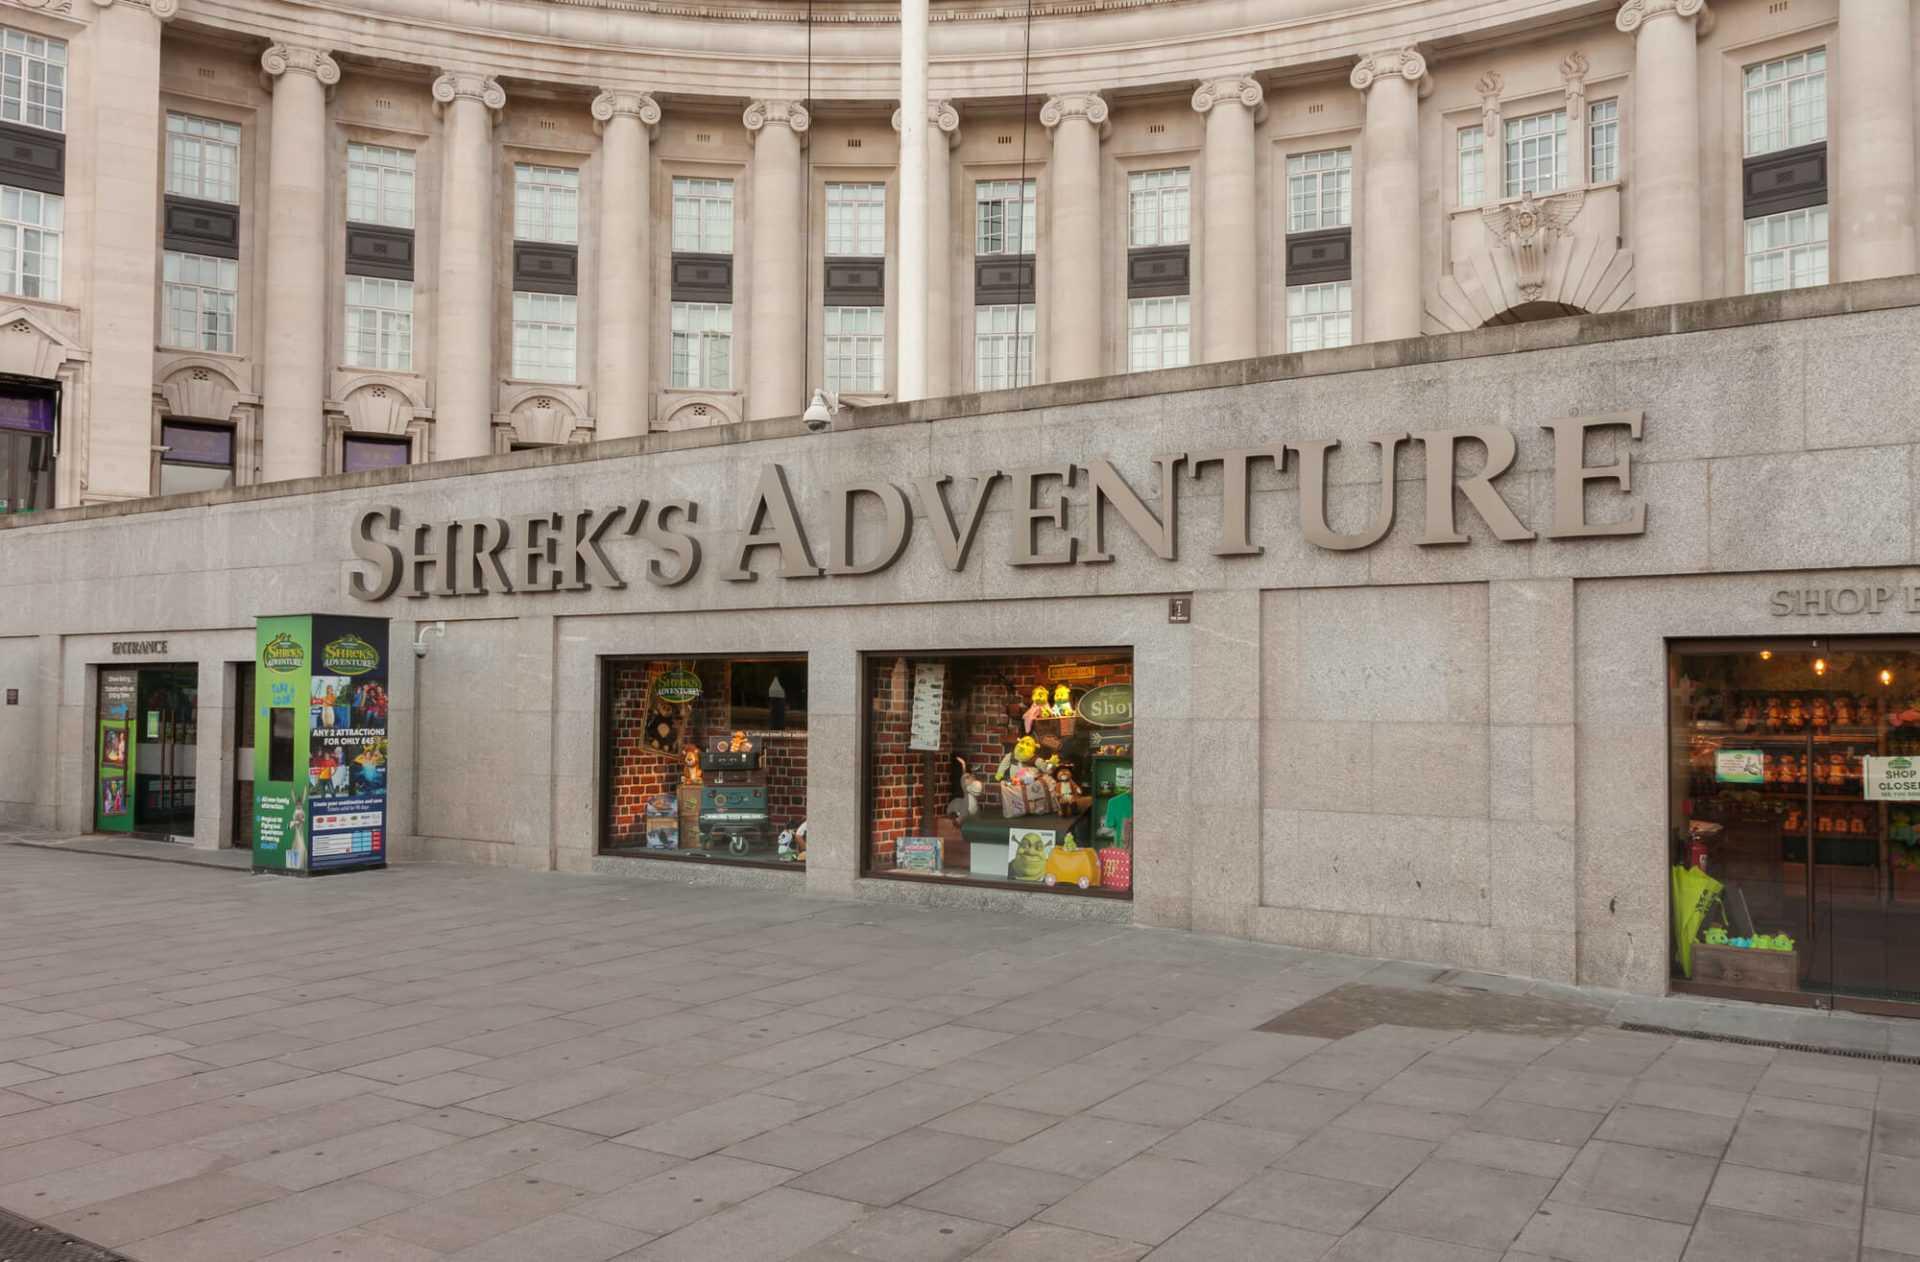 הרפתקאות שרק בלונדון - כרטיסים, הנחות, שעות פעילות וכל הפרטים!